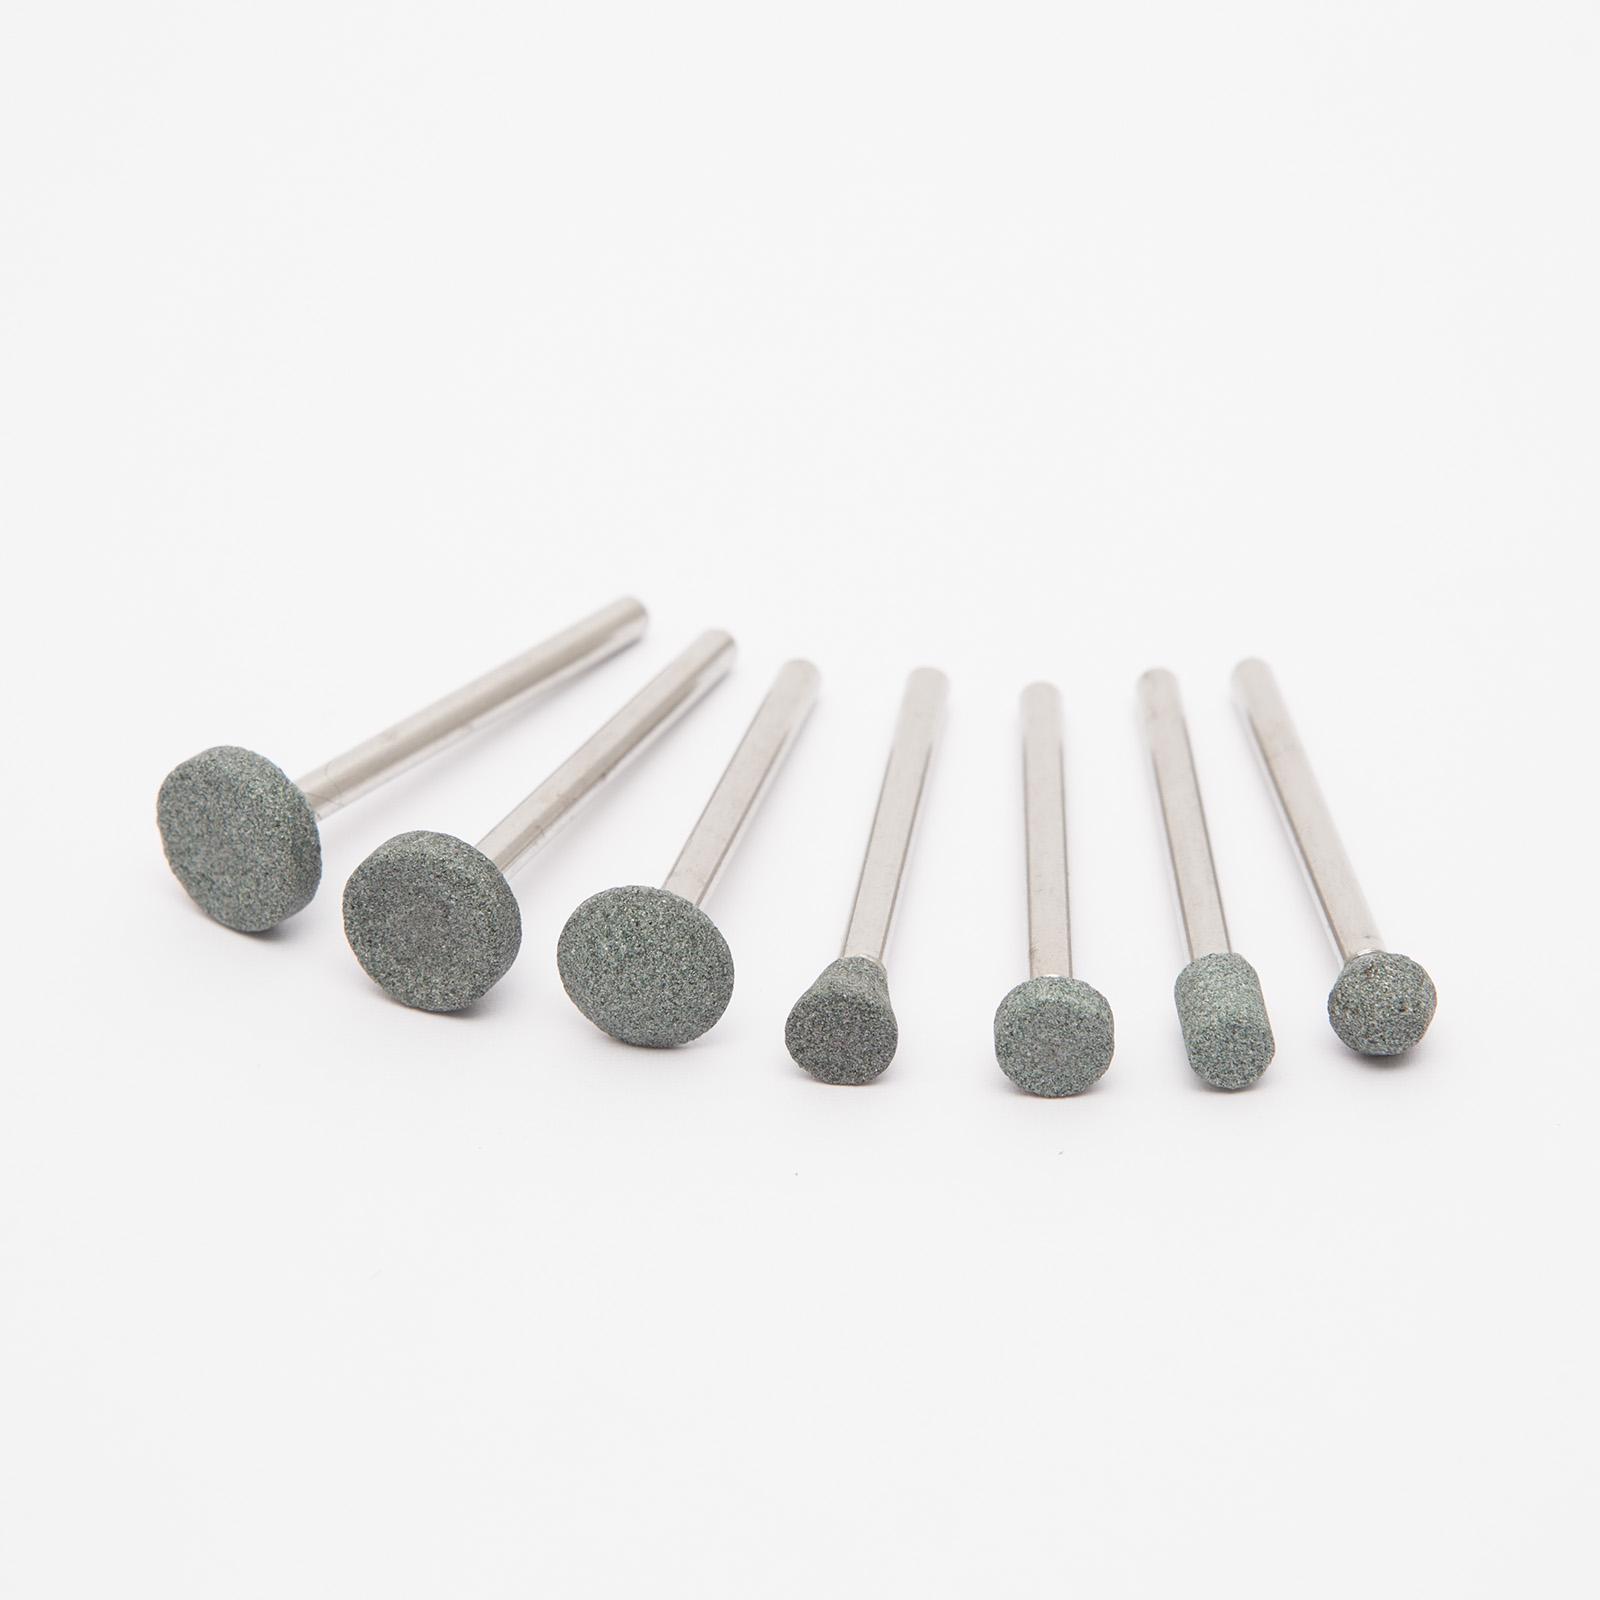 HANDY Csiszoló szett (kő) 7 db/bliszter (Csiszoló szett)